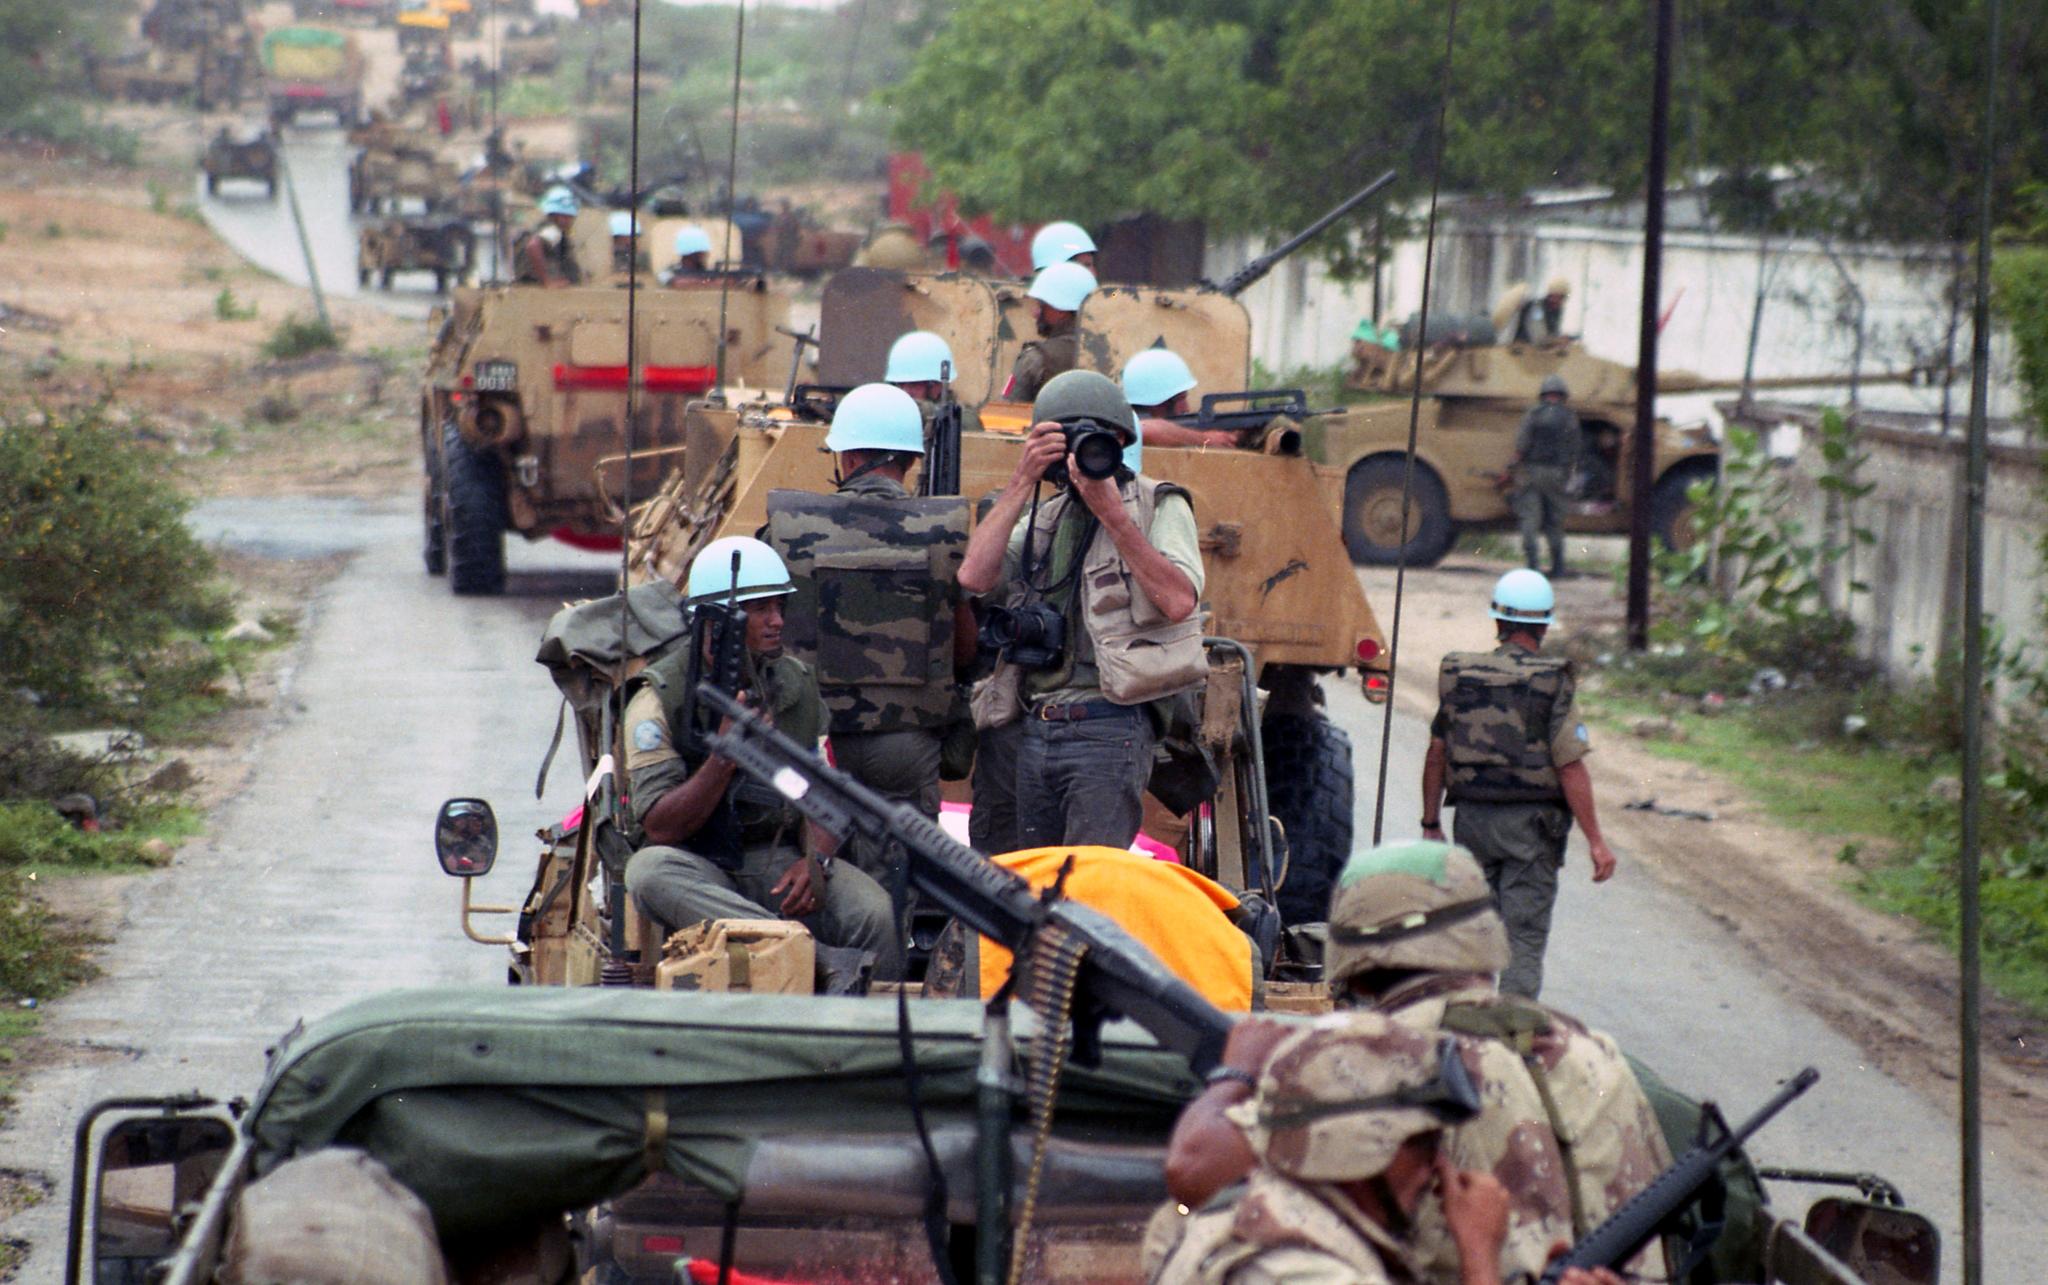 Les FAR en Somalie - Page 2 46929607605_bbdfb541cc_o